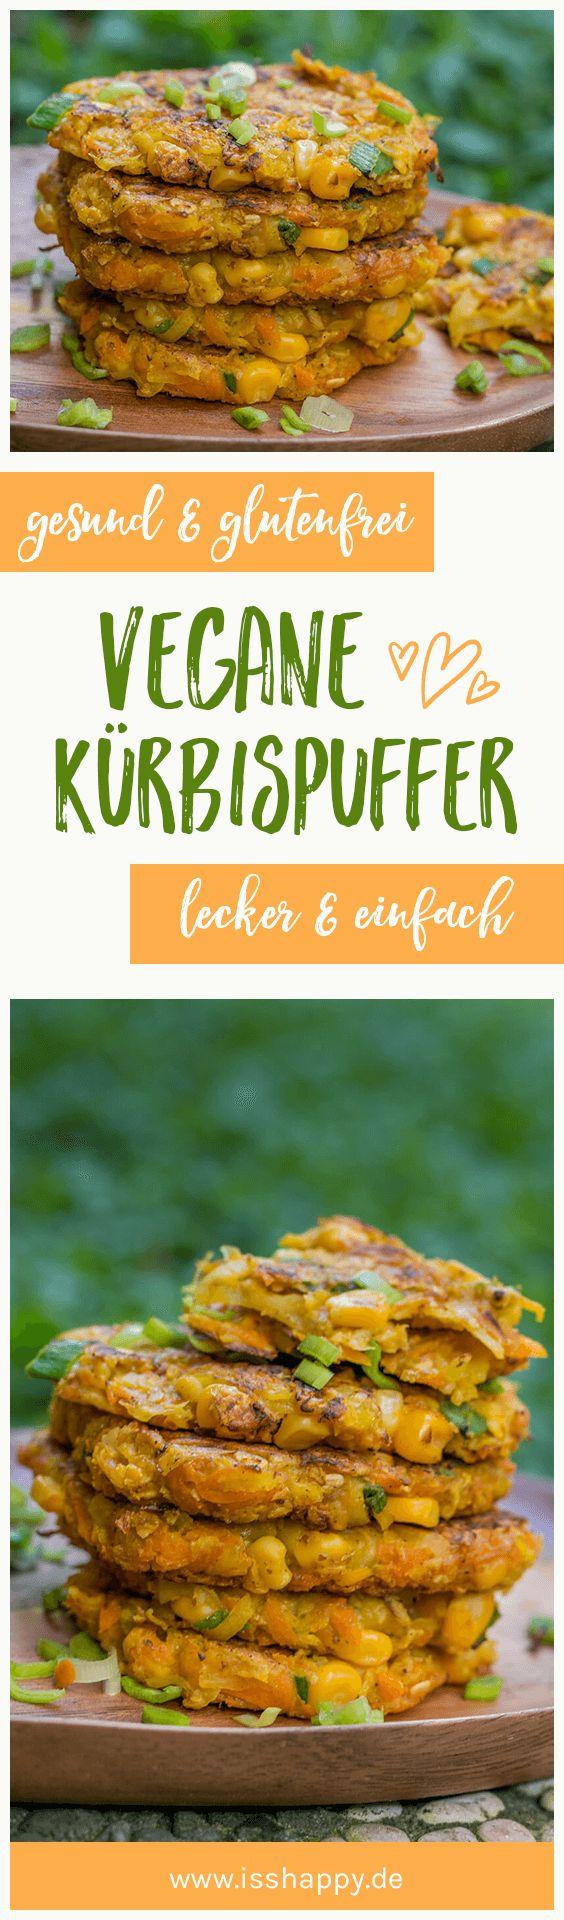 Vegane Kürbispuffer mit Mais – einfach, lecker & gesund